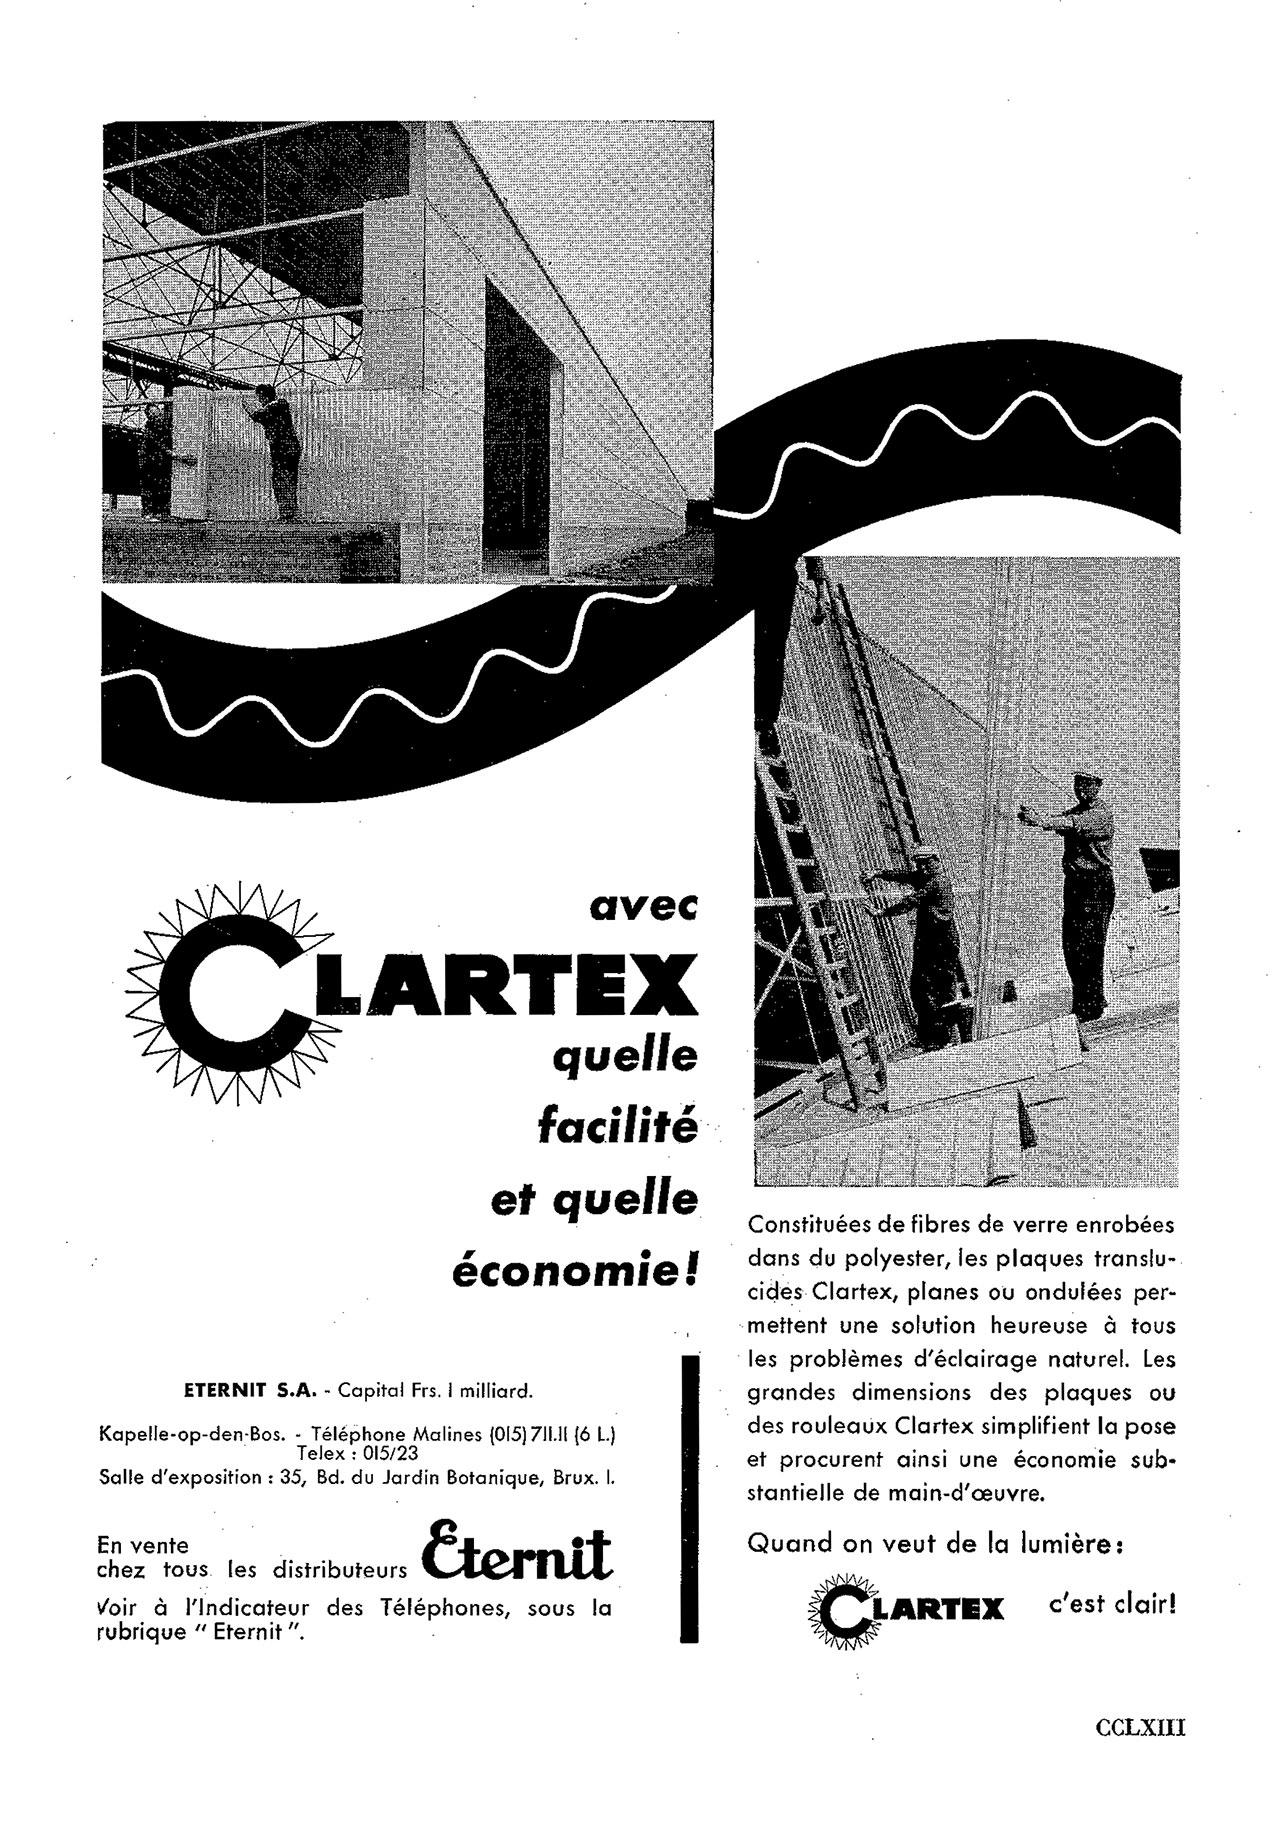 Clartex